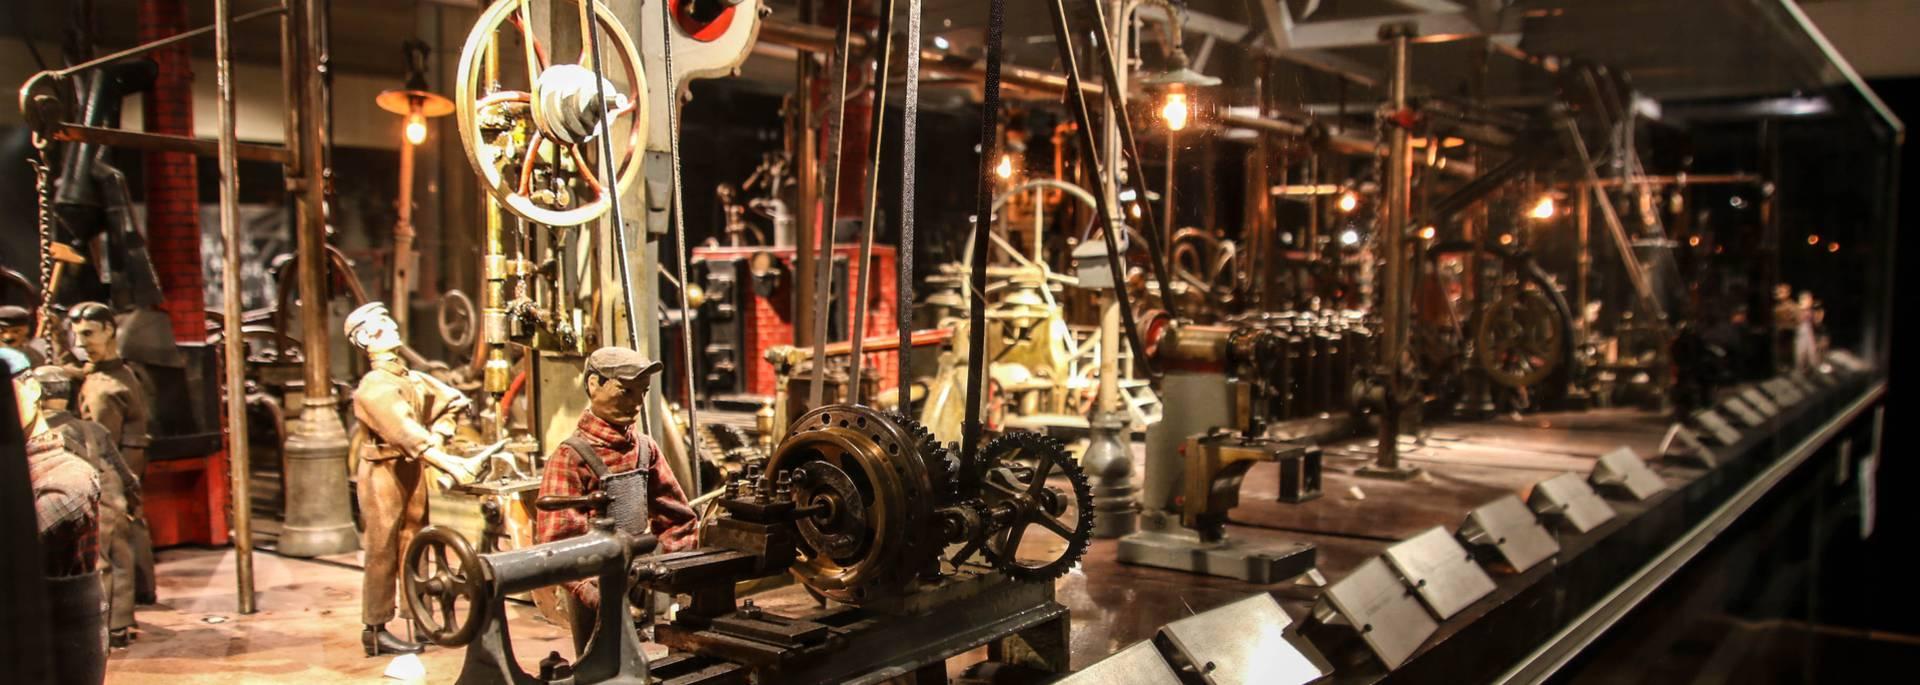 L'usine miniature, maquette Représentation du travail dans une forge au Musée de l'homme et de l'industrie, Le Creusot. © Lesley Williamson.